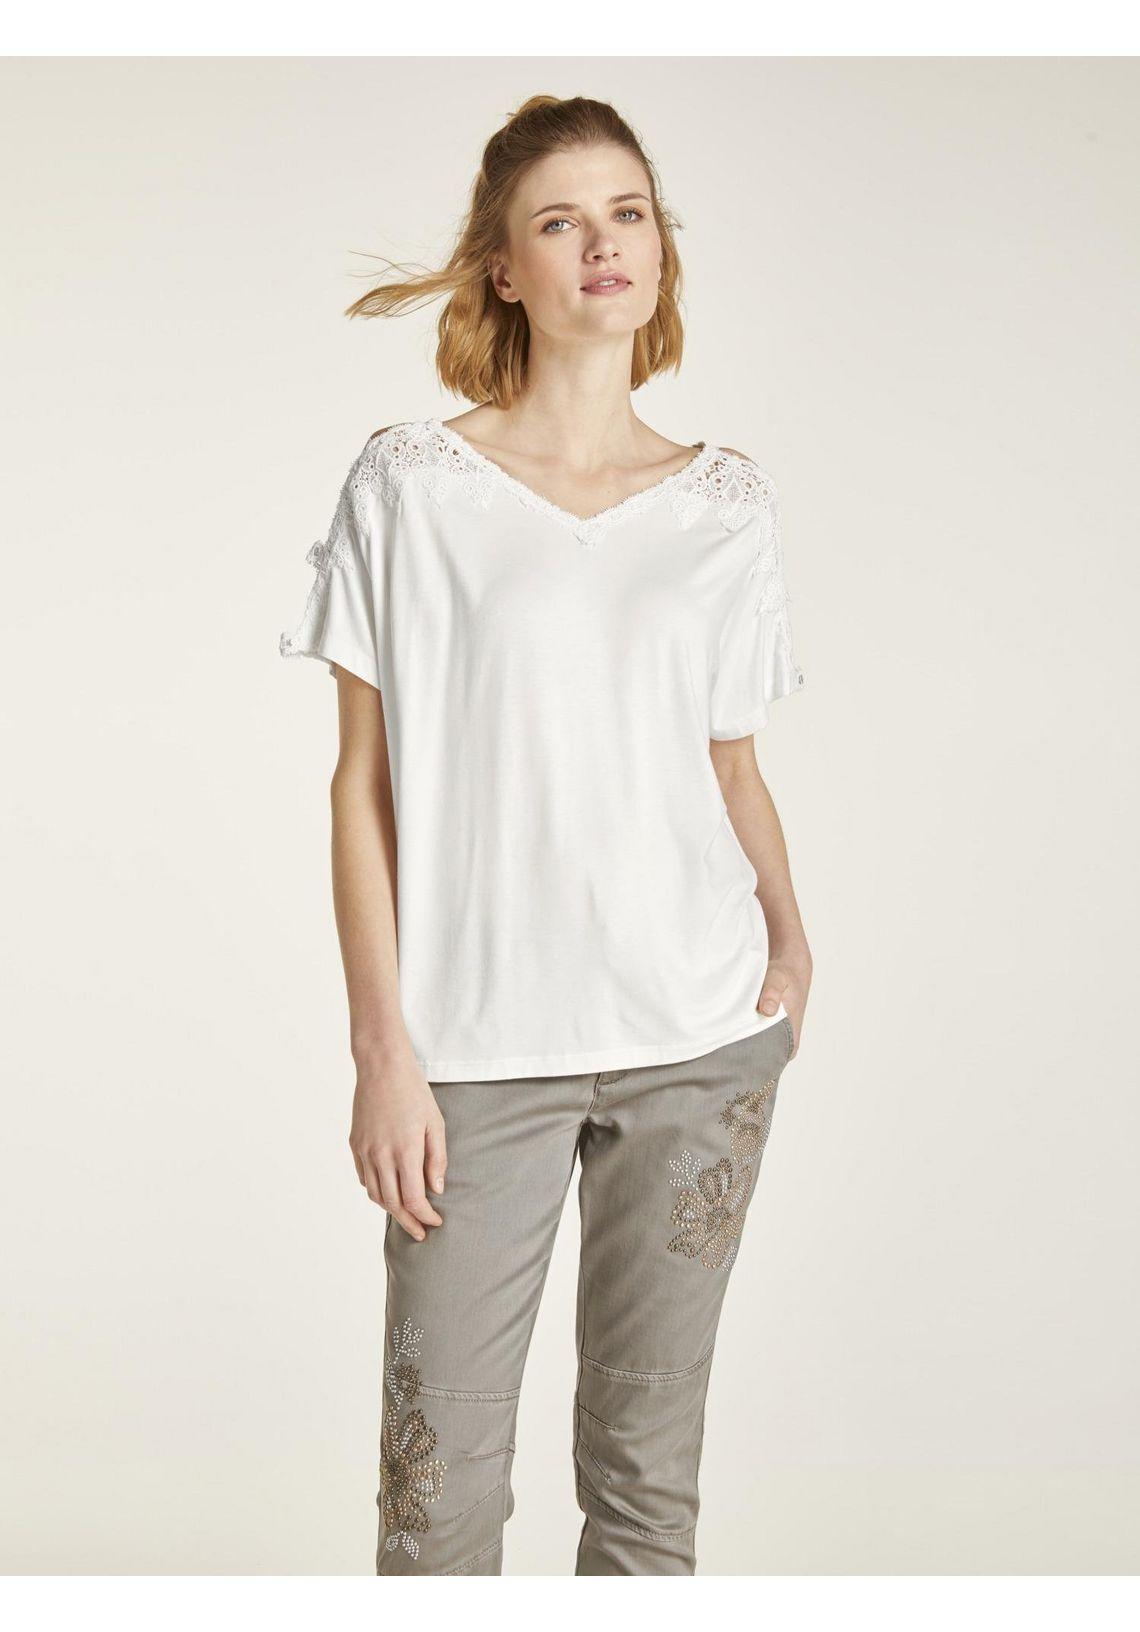 Kanten Shirt Online Verkrijgbaar Offwhite tfVFogPy